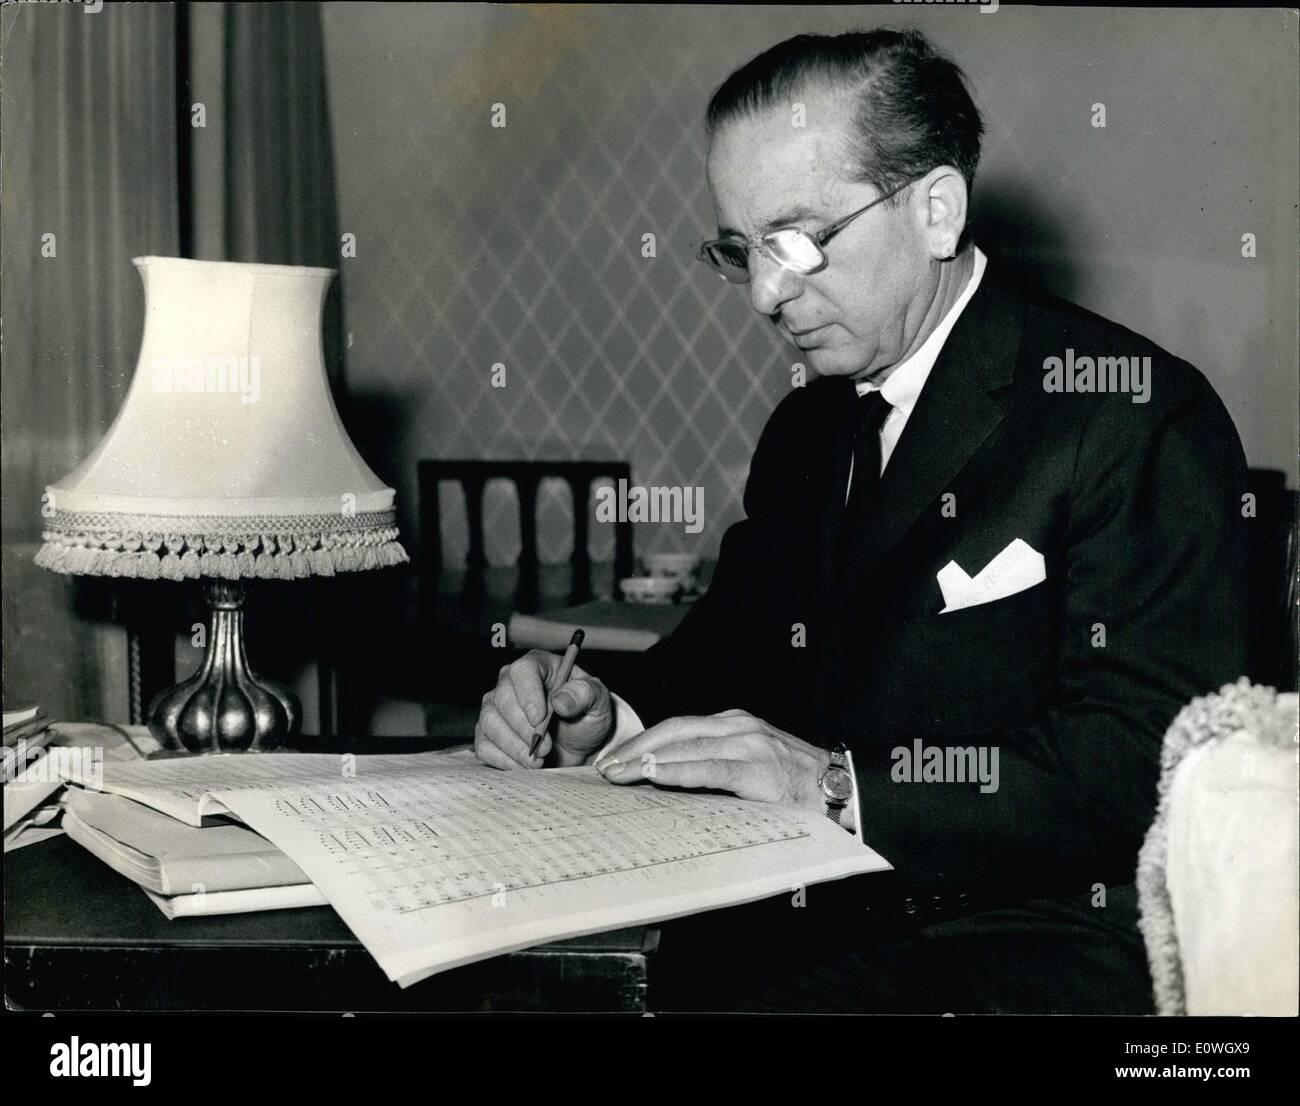 Le 12 décembre 1962 - célèbre chef américain à Londres Concert au Royal Festival Hall. M. Franz Waxman le chef américain, Banque D'Images